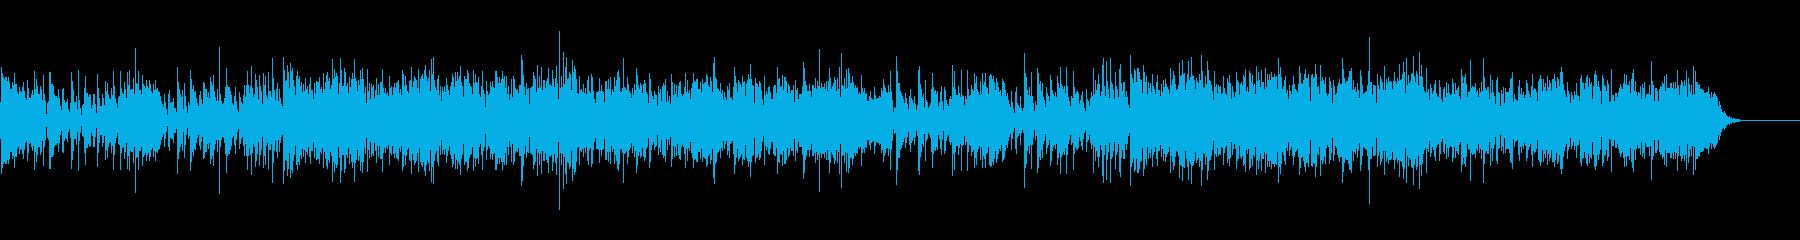 ❤都会的でおしゃれなジャズファンクの再生済みの波形